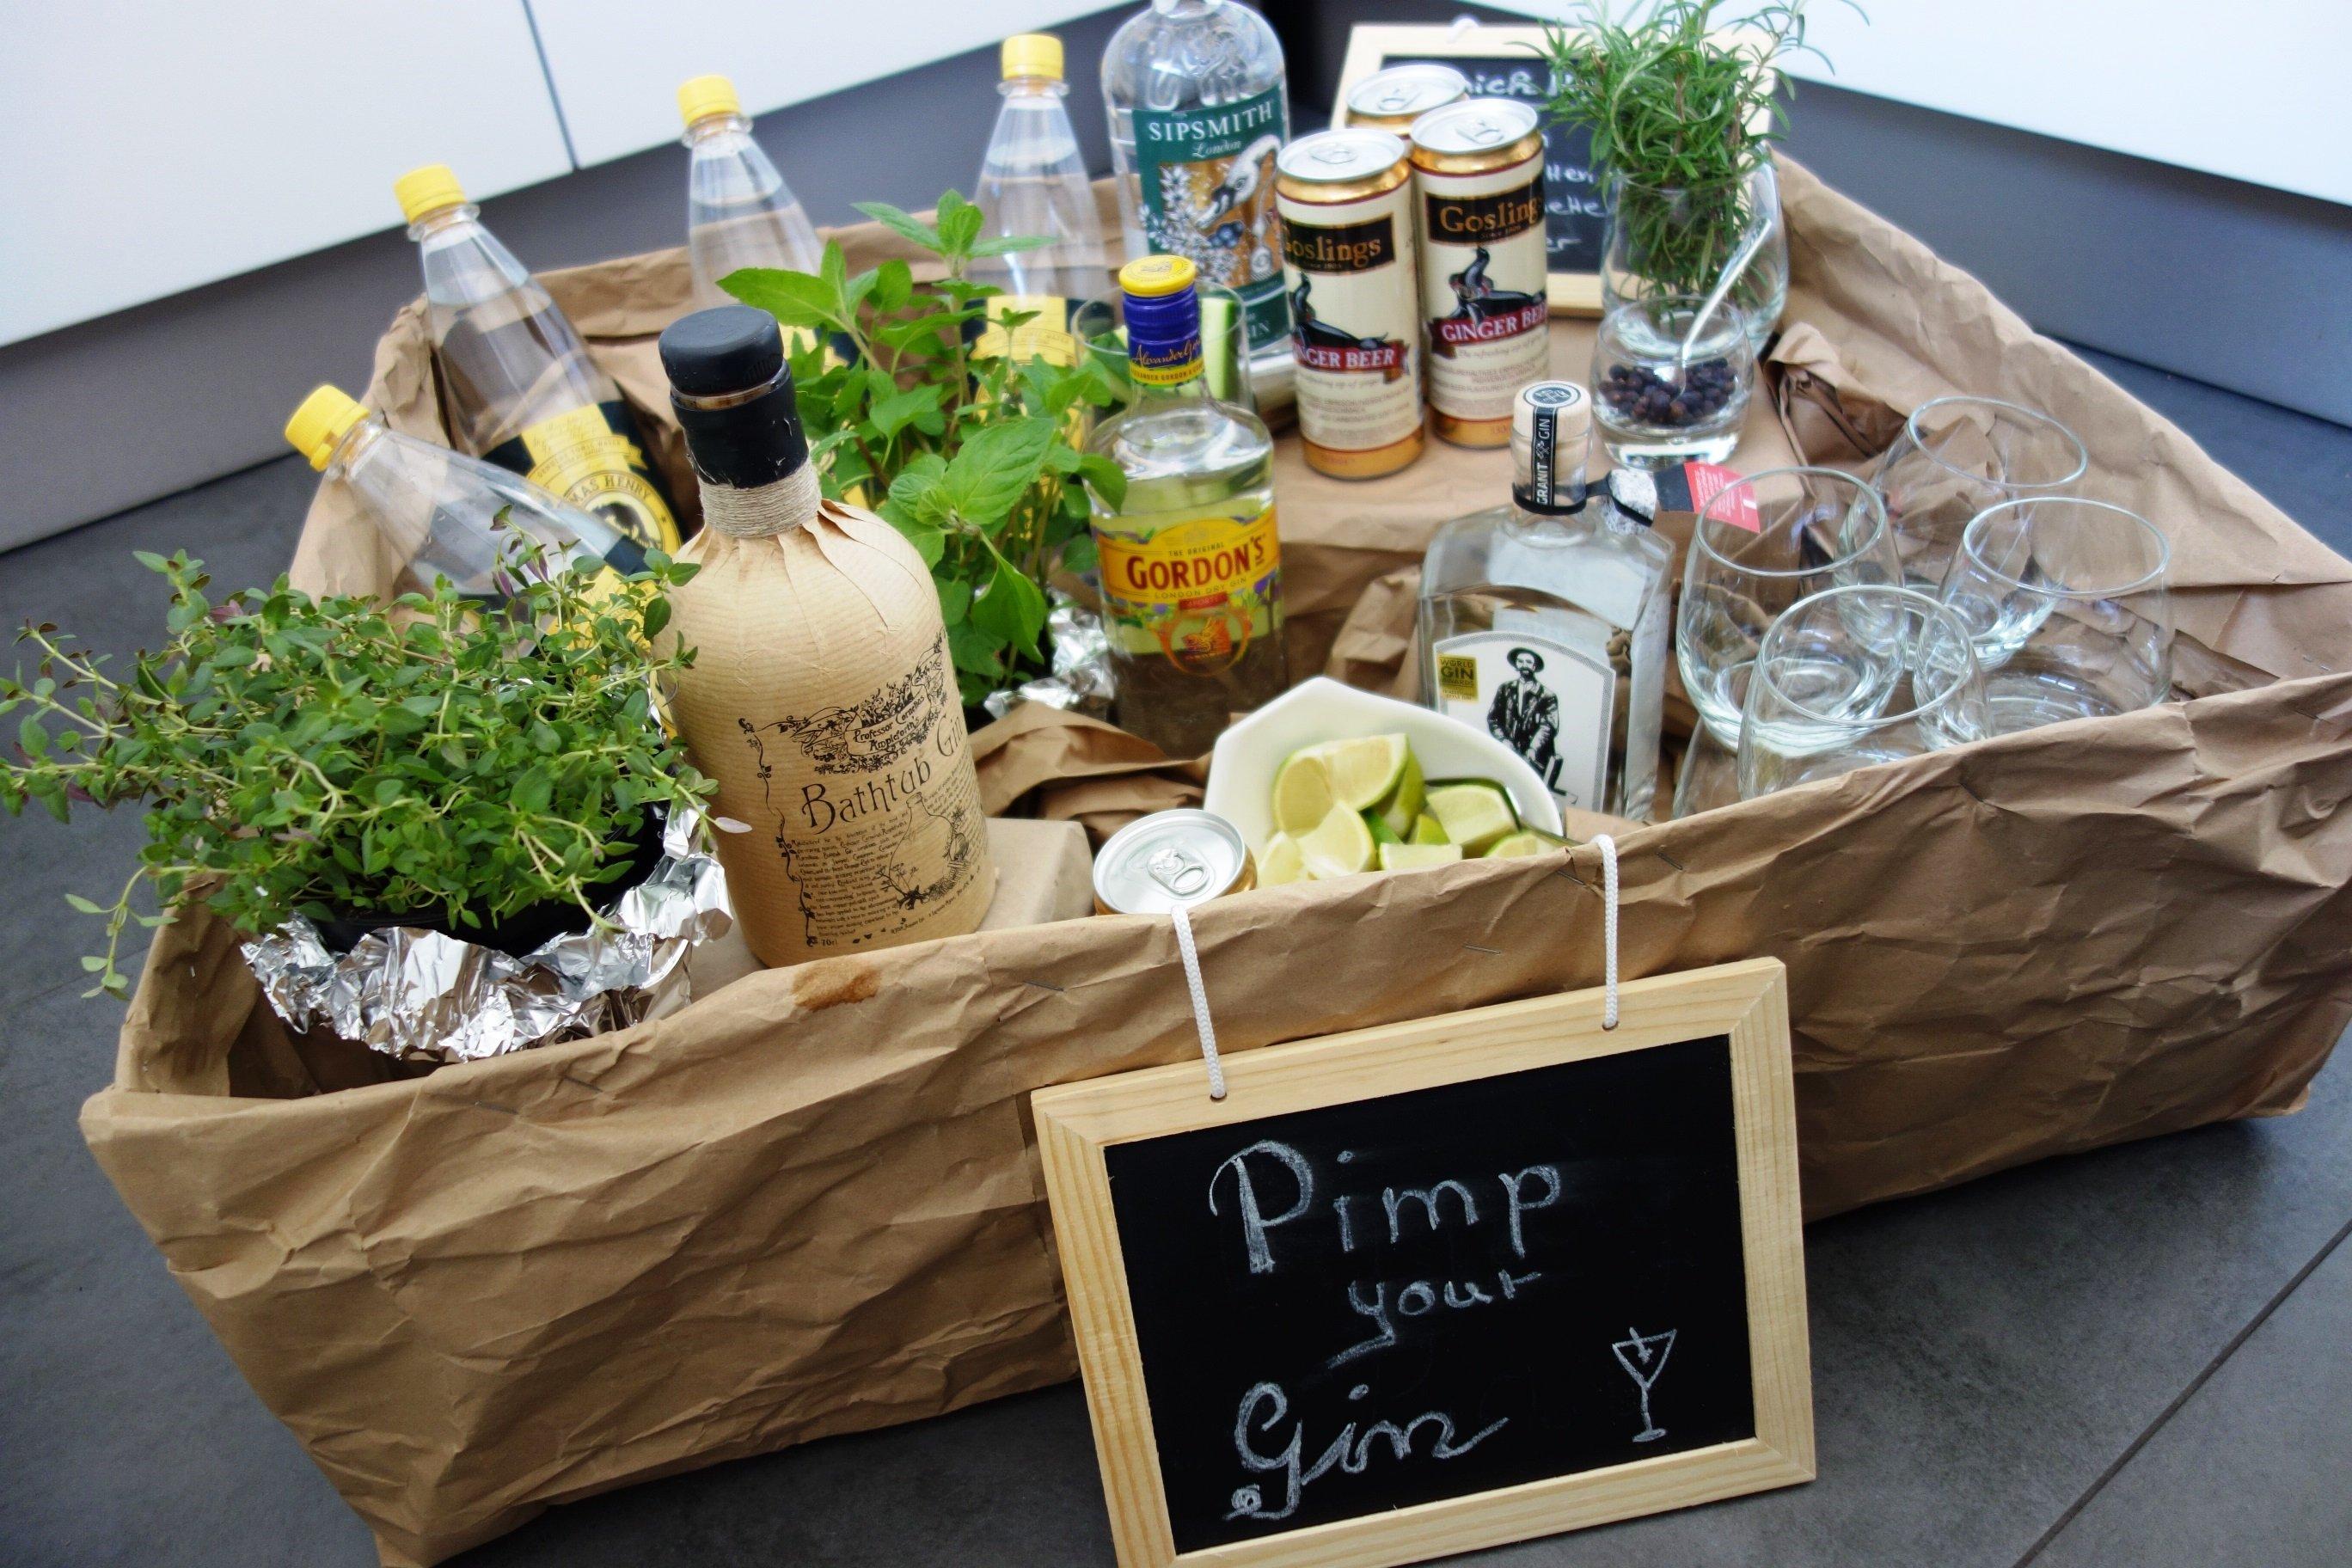 DSC00821 - Pimp your Gin! Eine Gin-Bar für die Feier